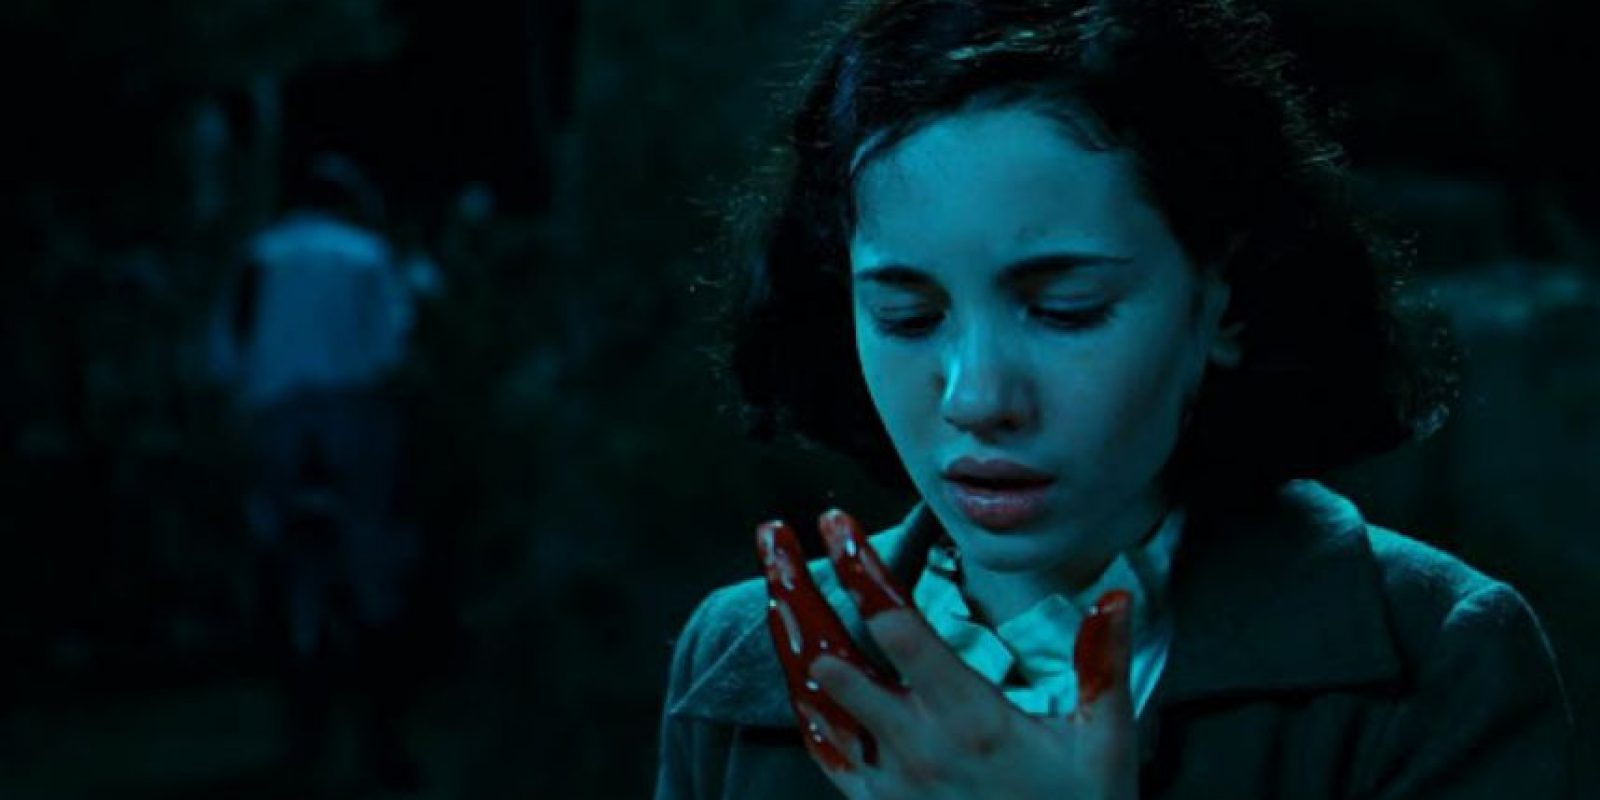 """Su final es conmovedor e Ivana, con solo 12 años (era 2007) recibió el Premio Goya como """"Actriz Revelación"""" por este papel. Foto:Warner Bros"""